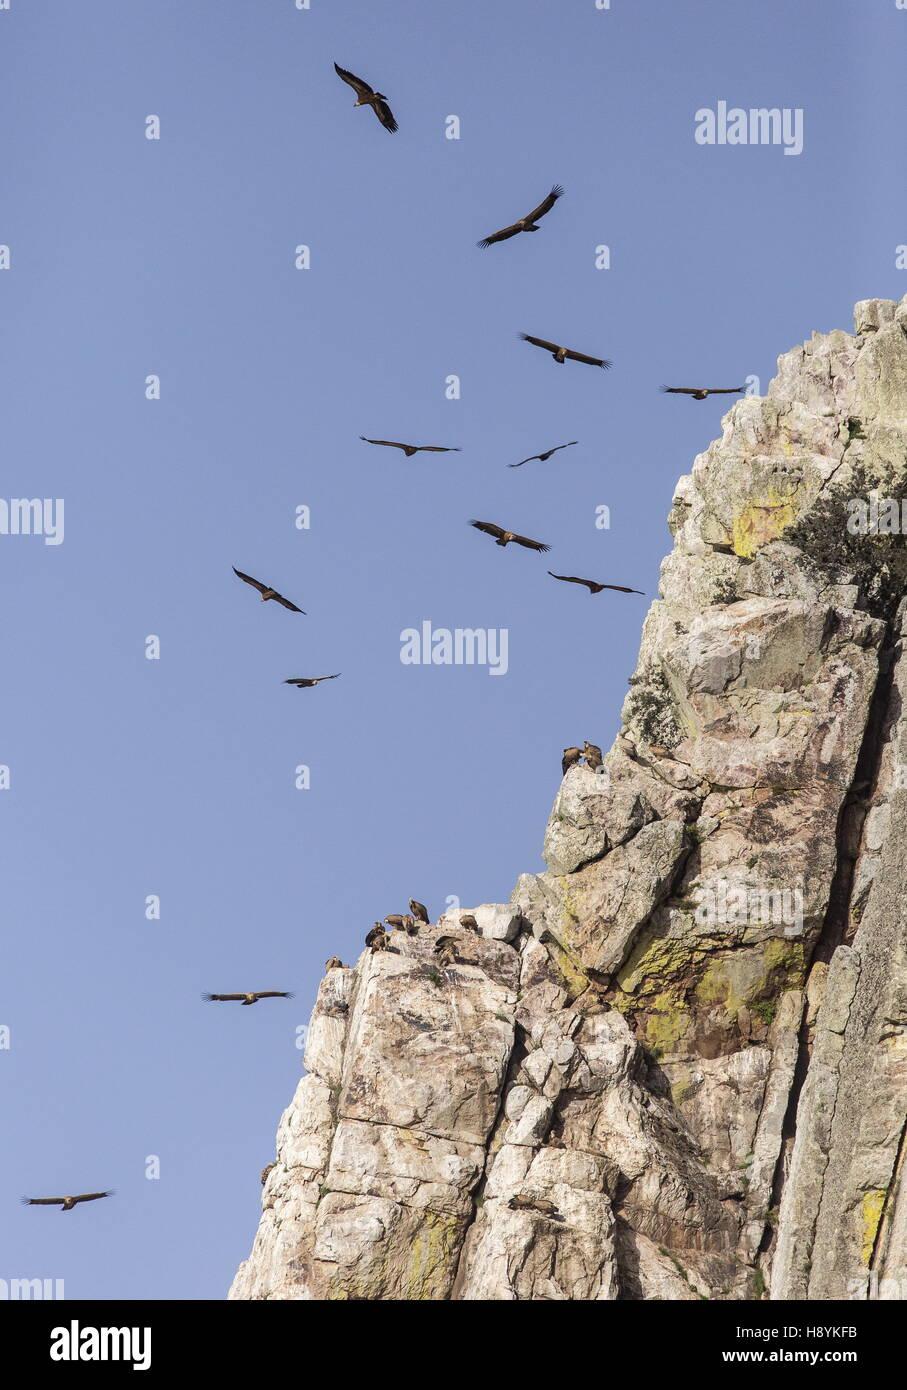 Charognards, en vol à Penafalcon falaise, Monfrague, Estrémadure, Espagne. Banque D'Images